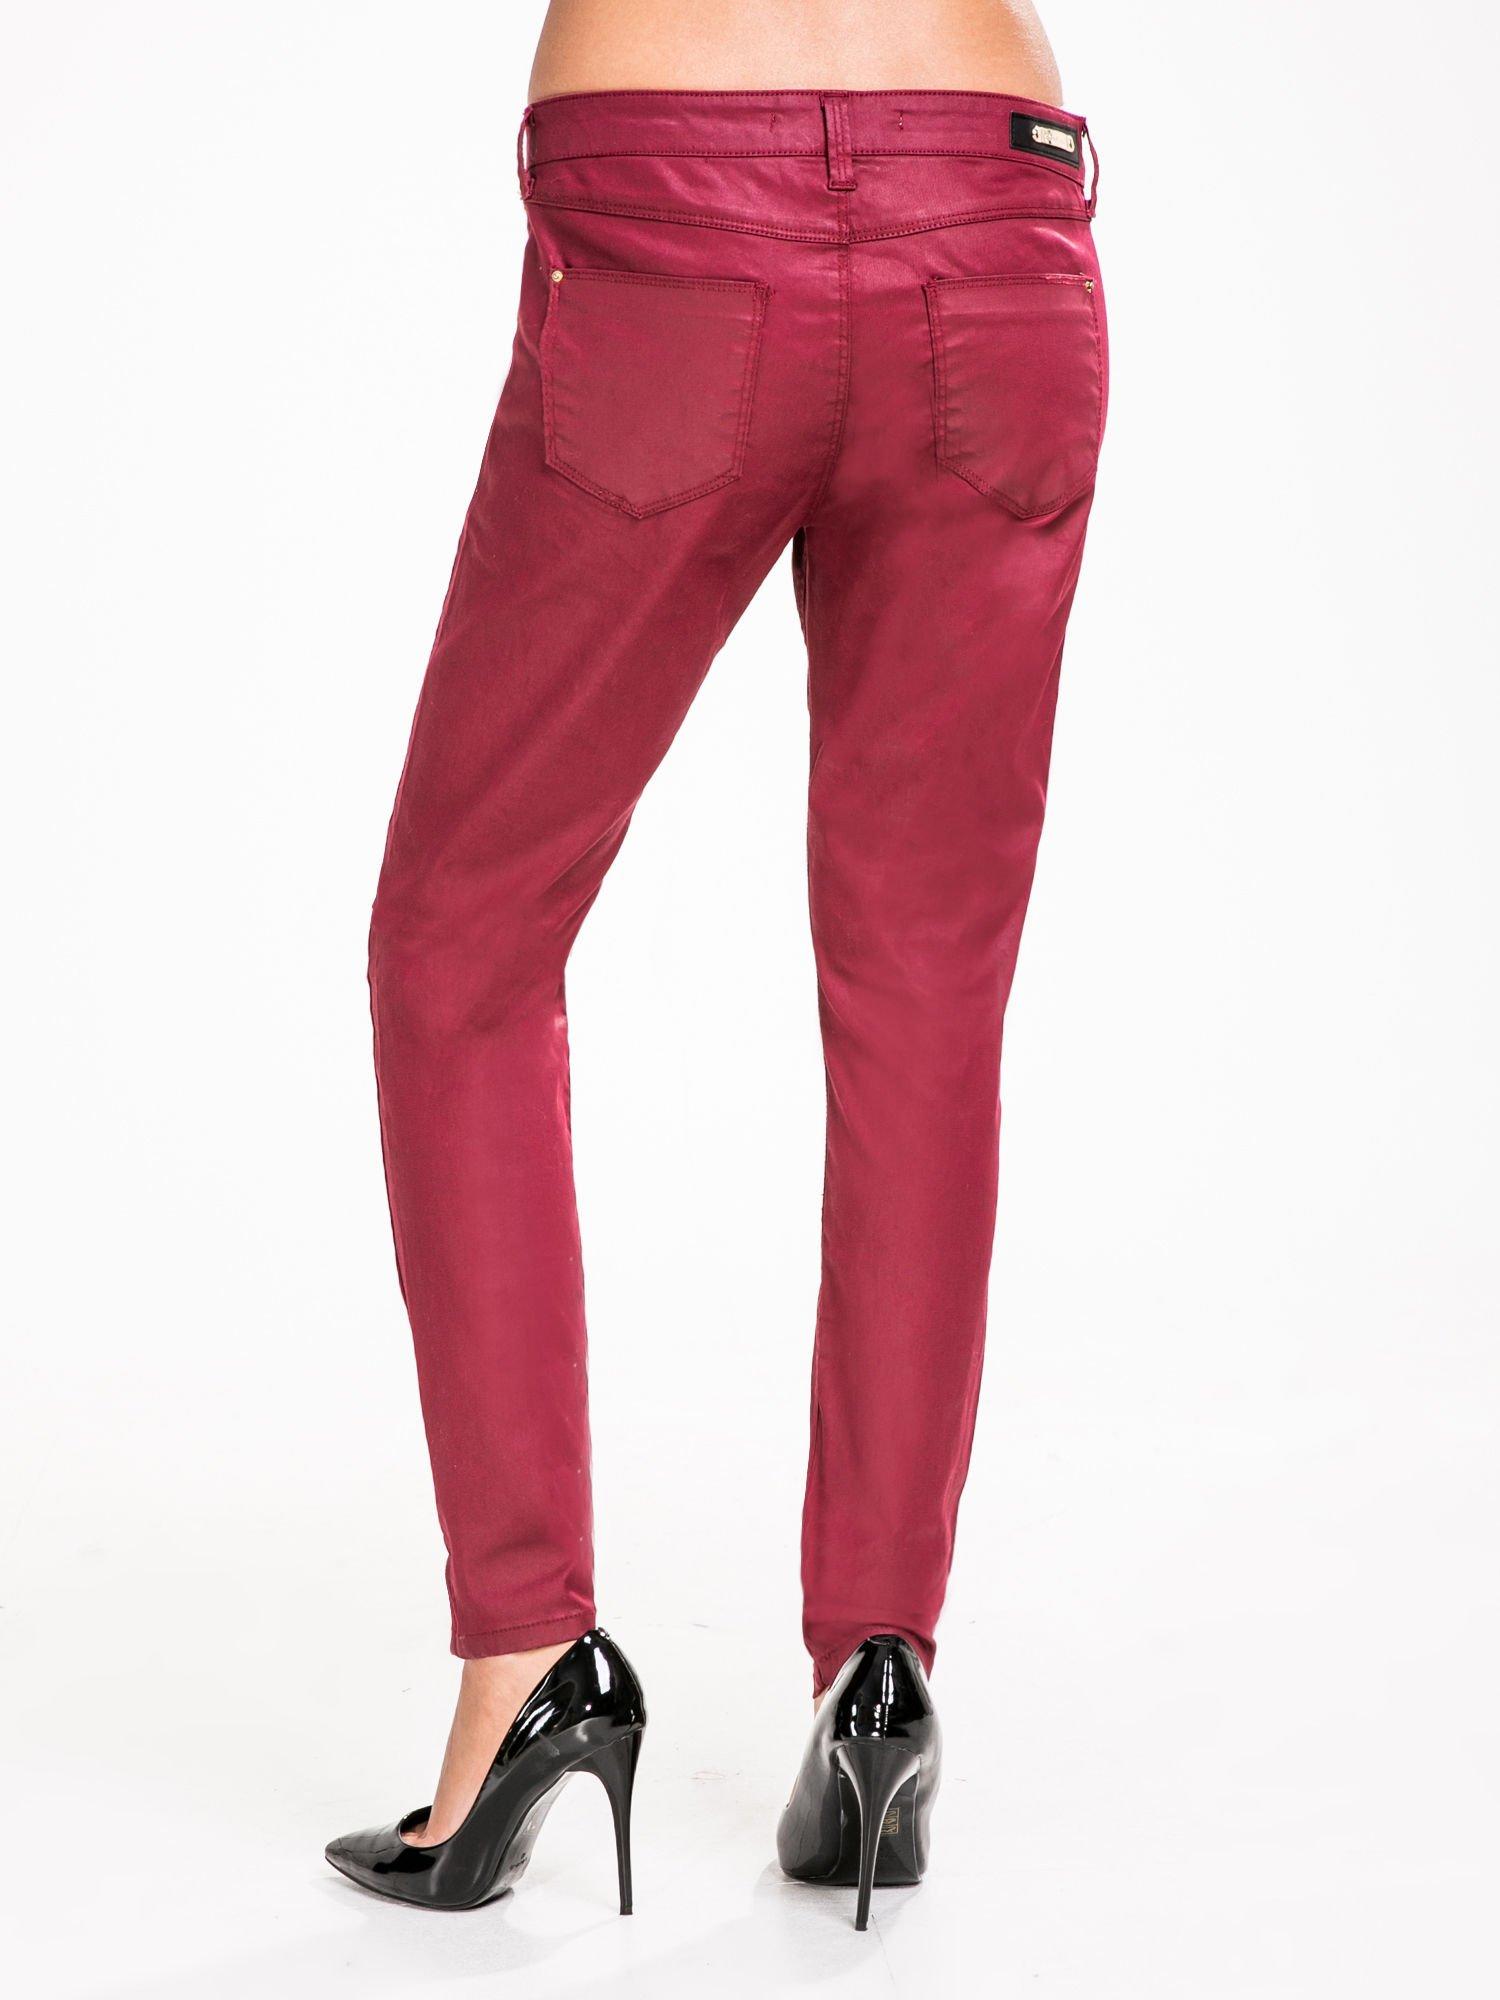 STRADIVARIUS Bordowe spodnie rurki woskowane                                  zdj.                                  2